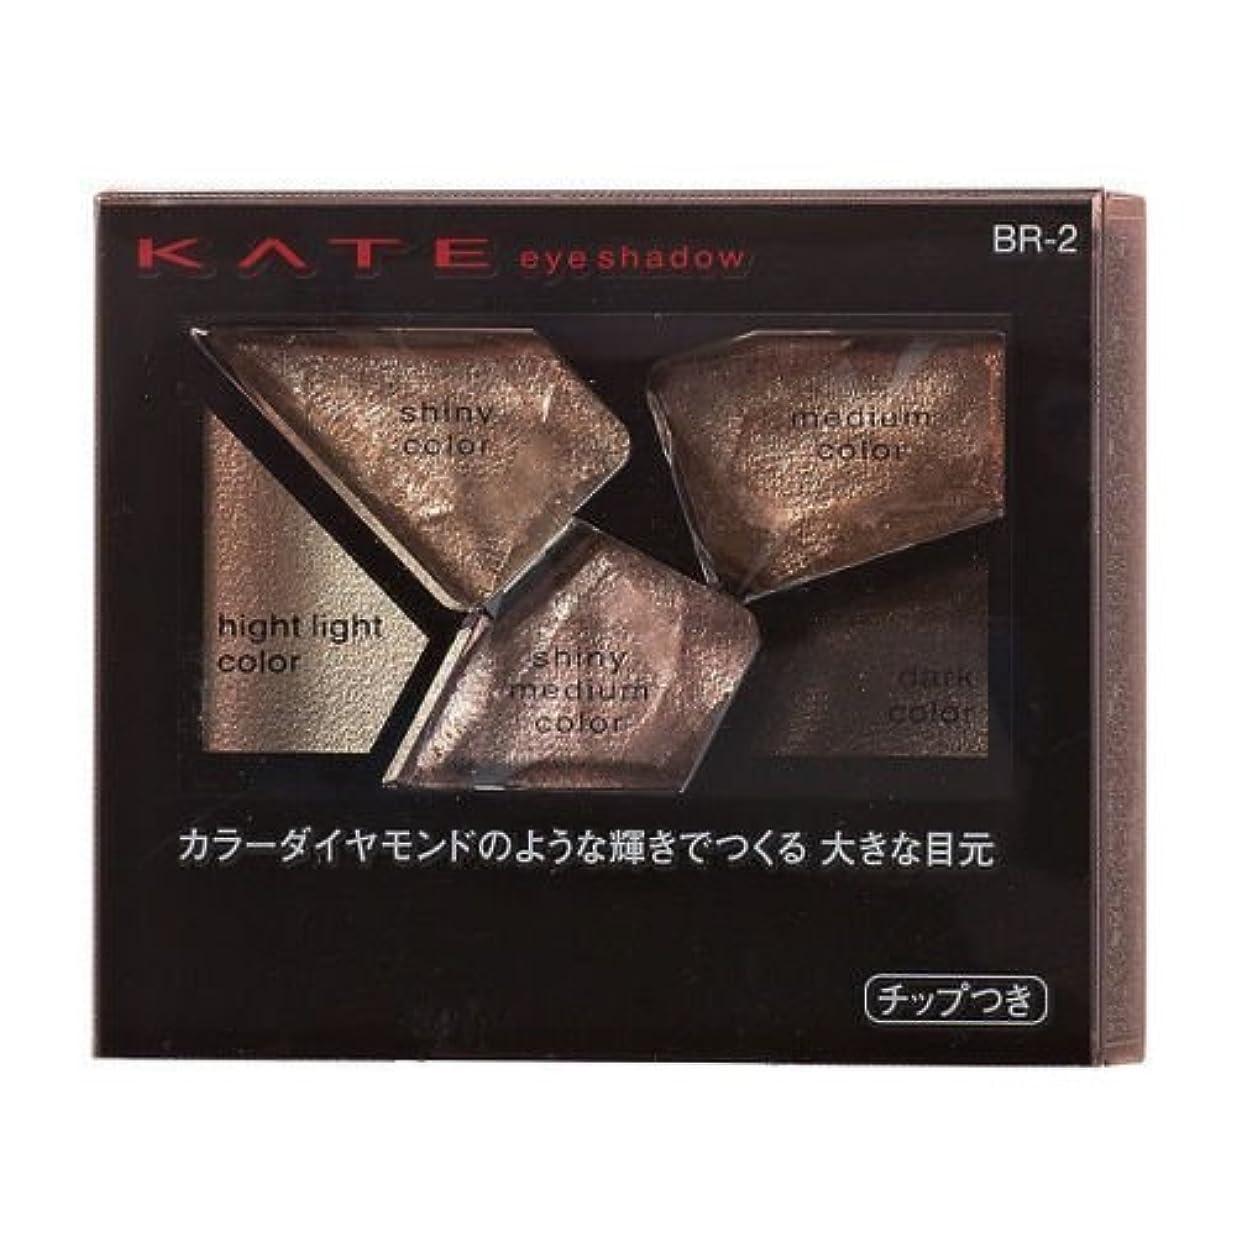 調整する配分顧問【カネボウ】ケイト カラーシャスダイヤモンド #BR-2 2.8g